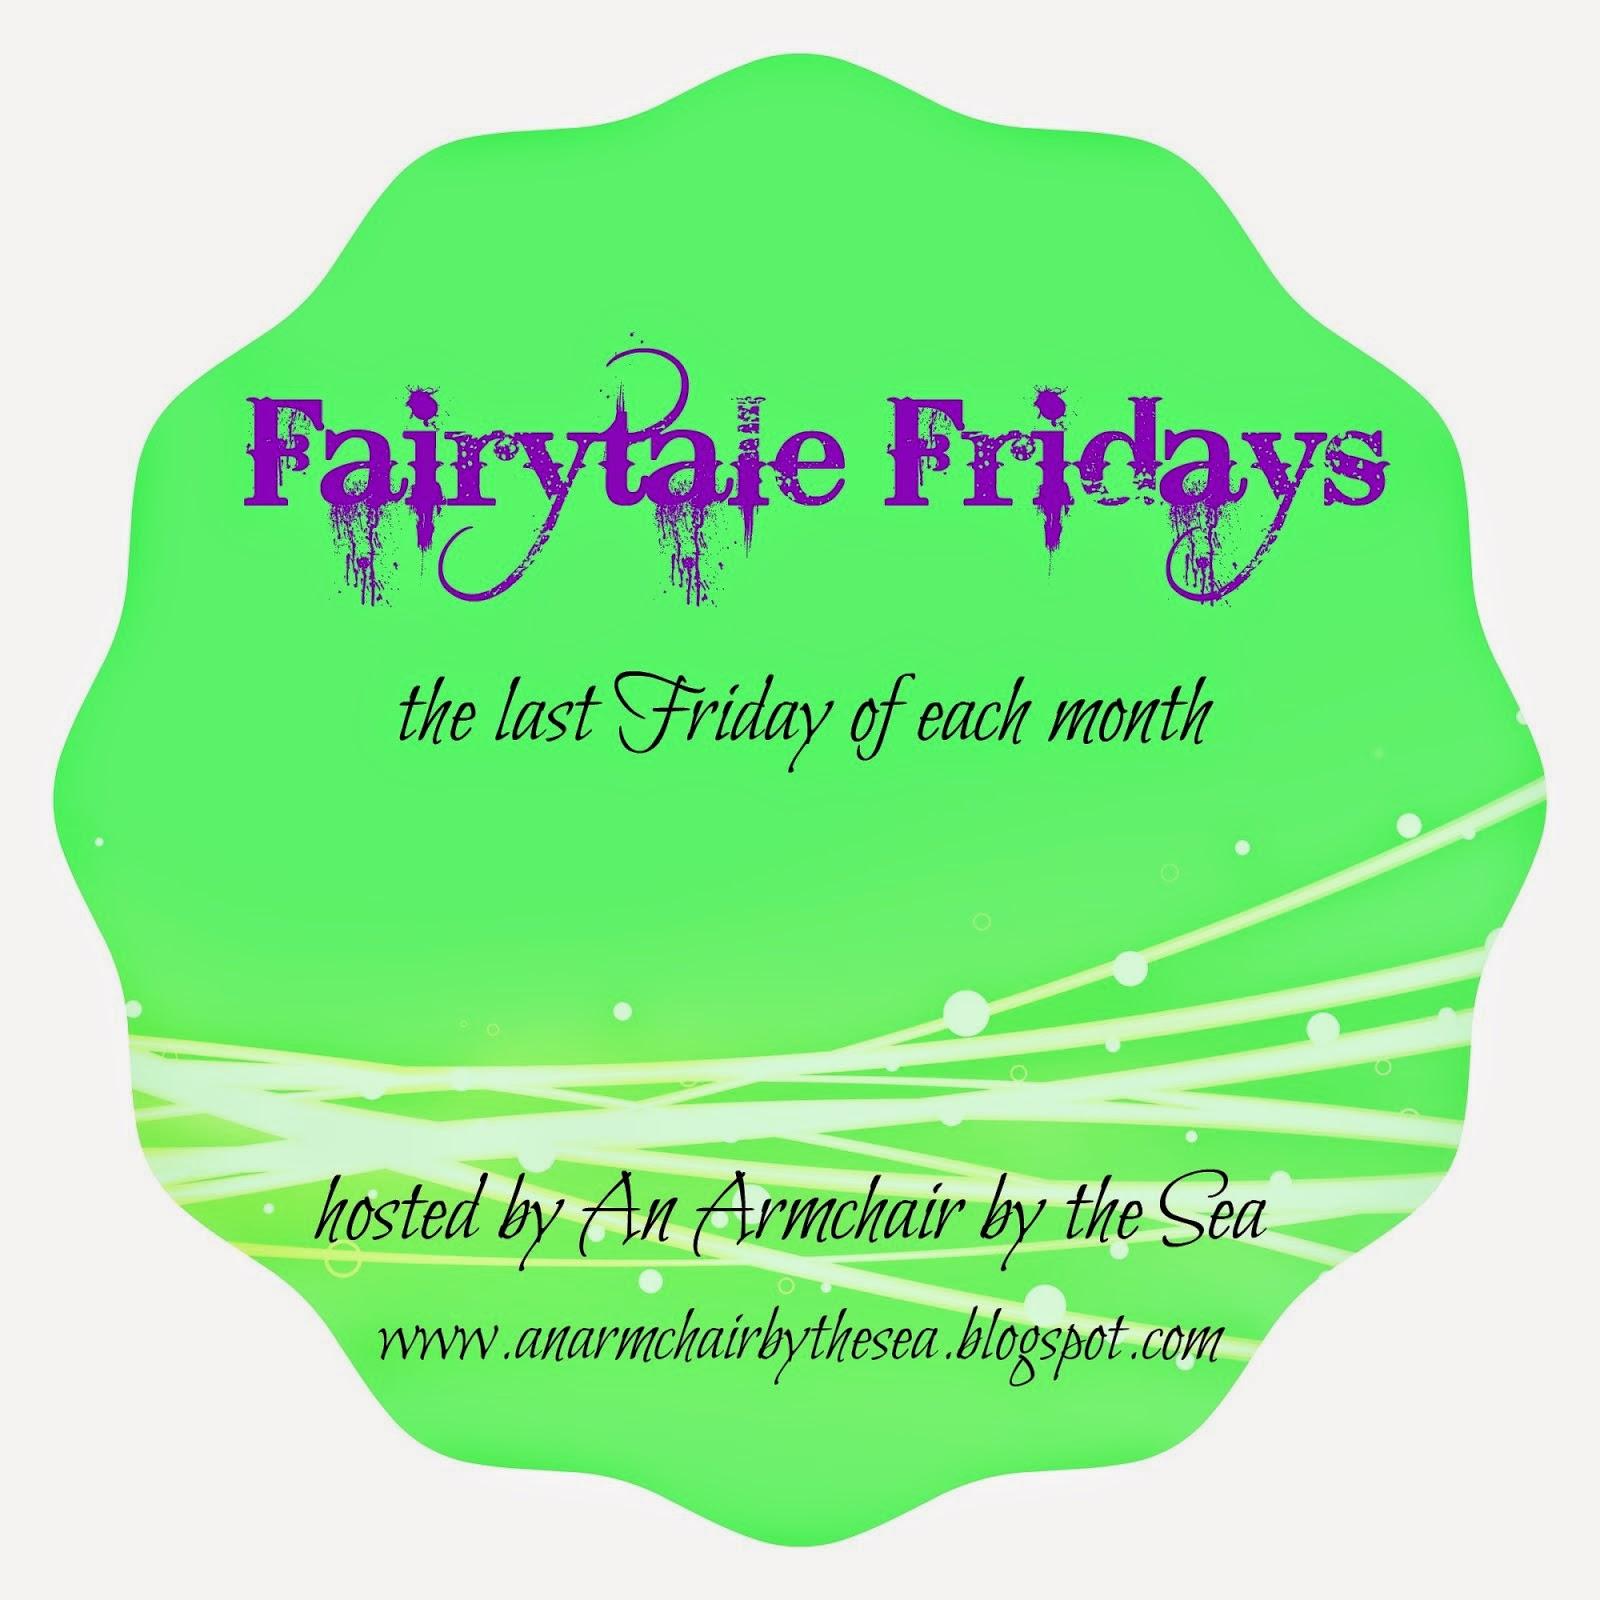 Fairytale Fridays!